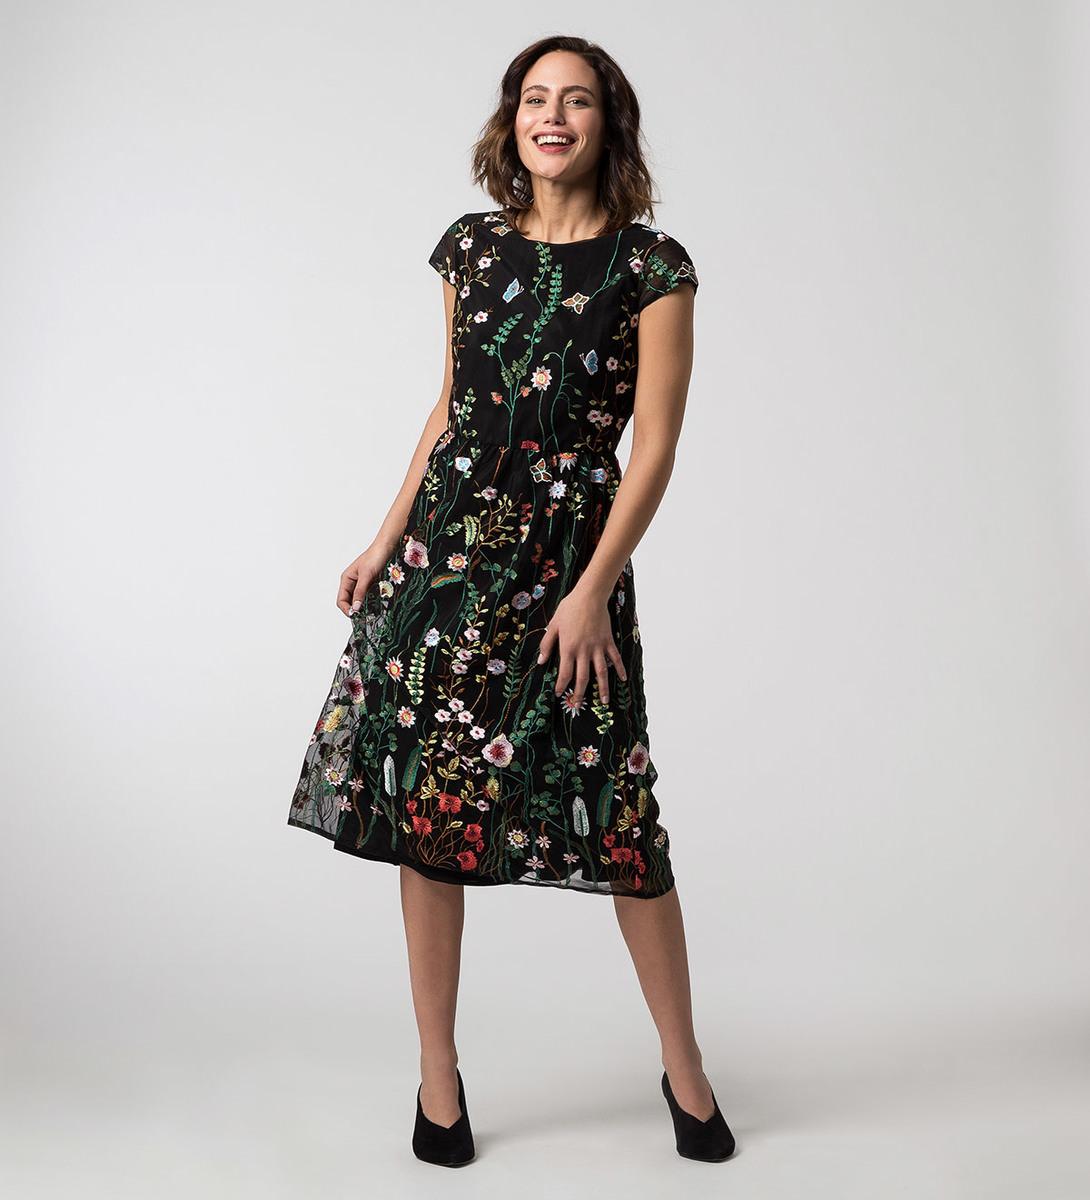 Kleid mit Stickereien in black